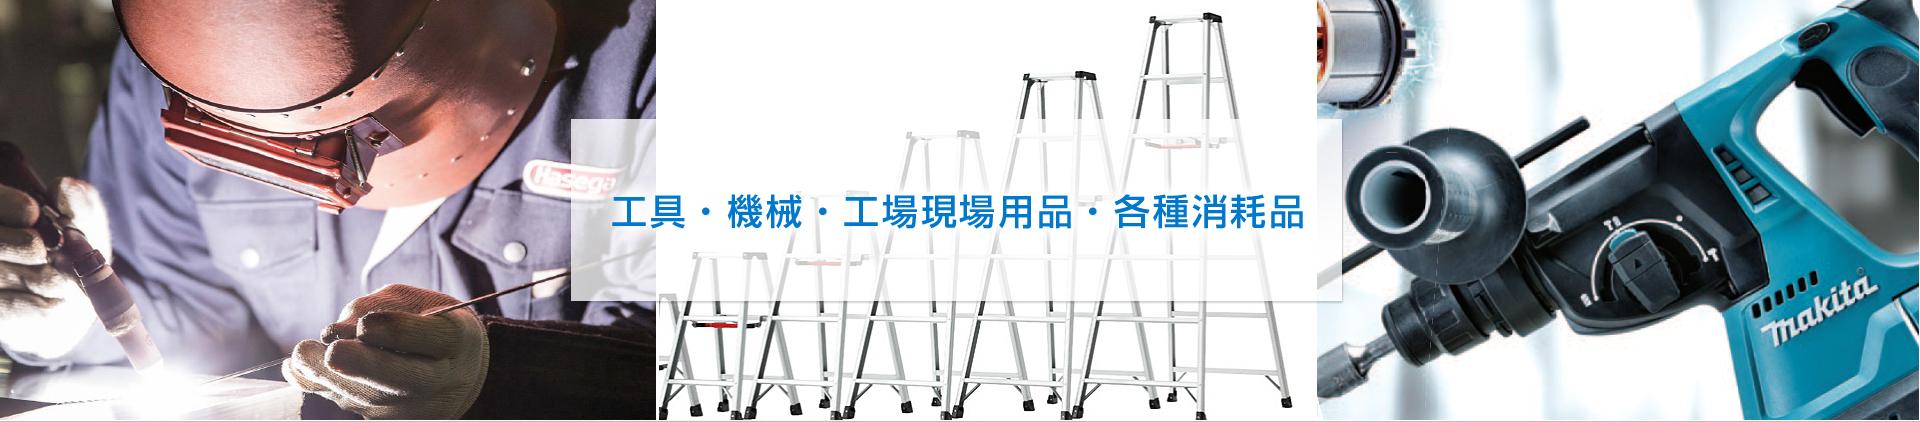 工具・機械・工場現場用品・各種消耗品